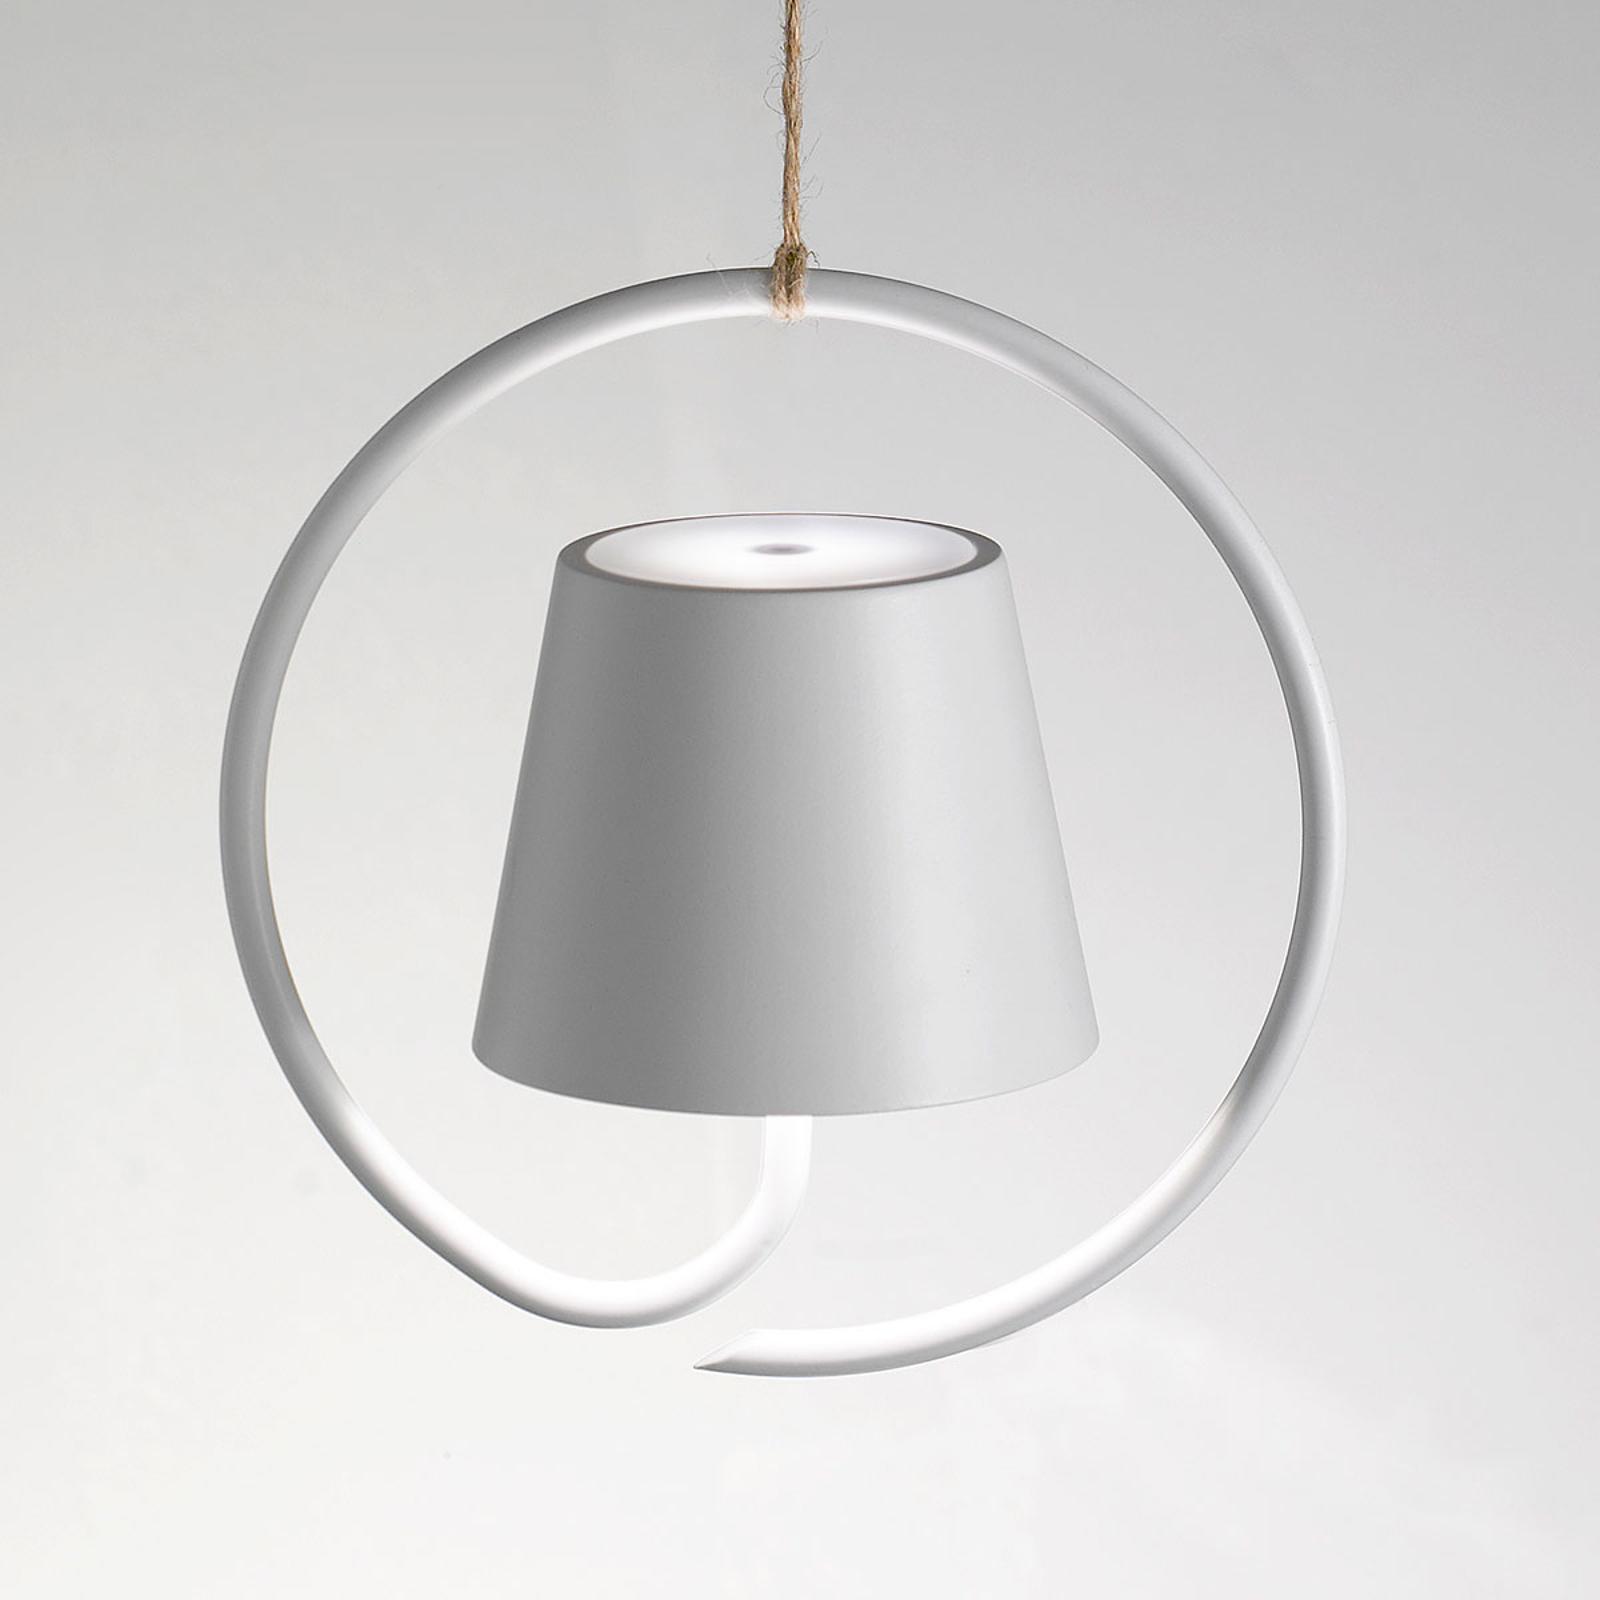 Suspension LED Poldina sur batterie, blanc